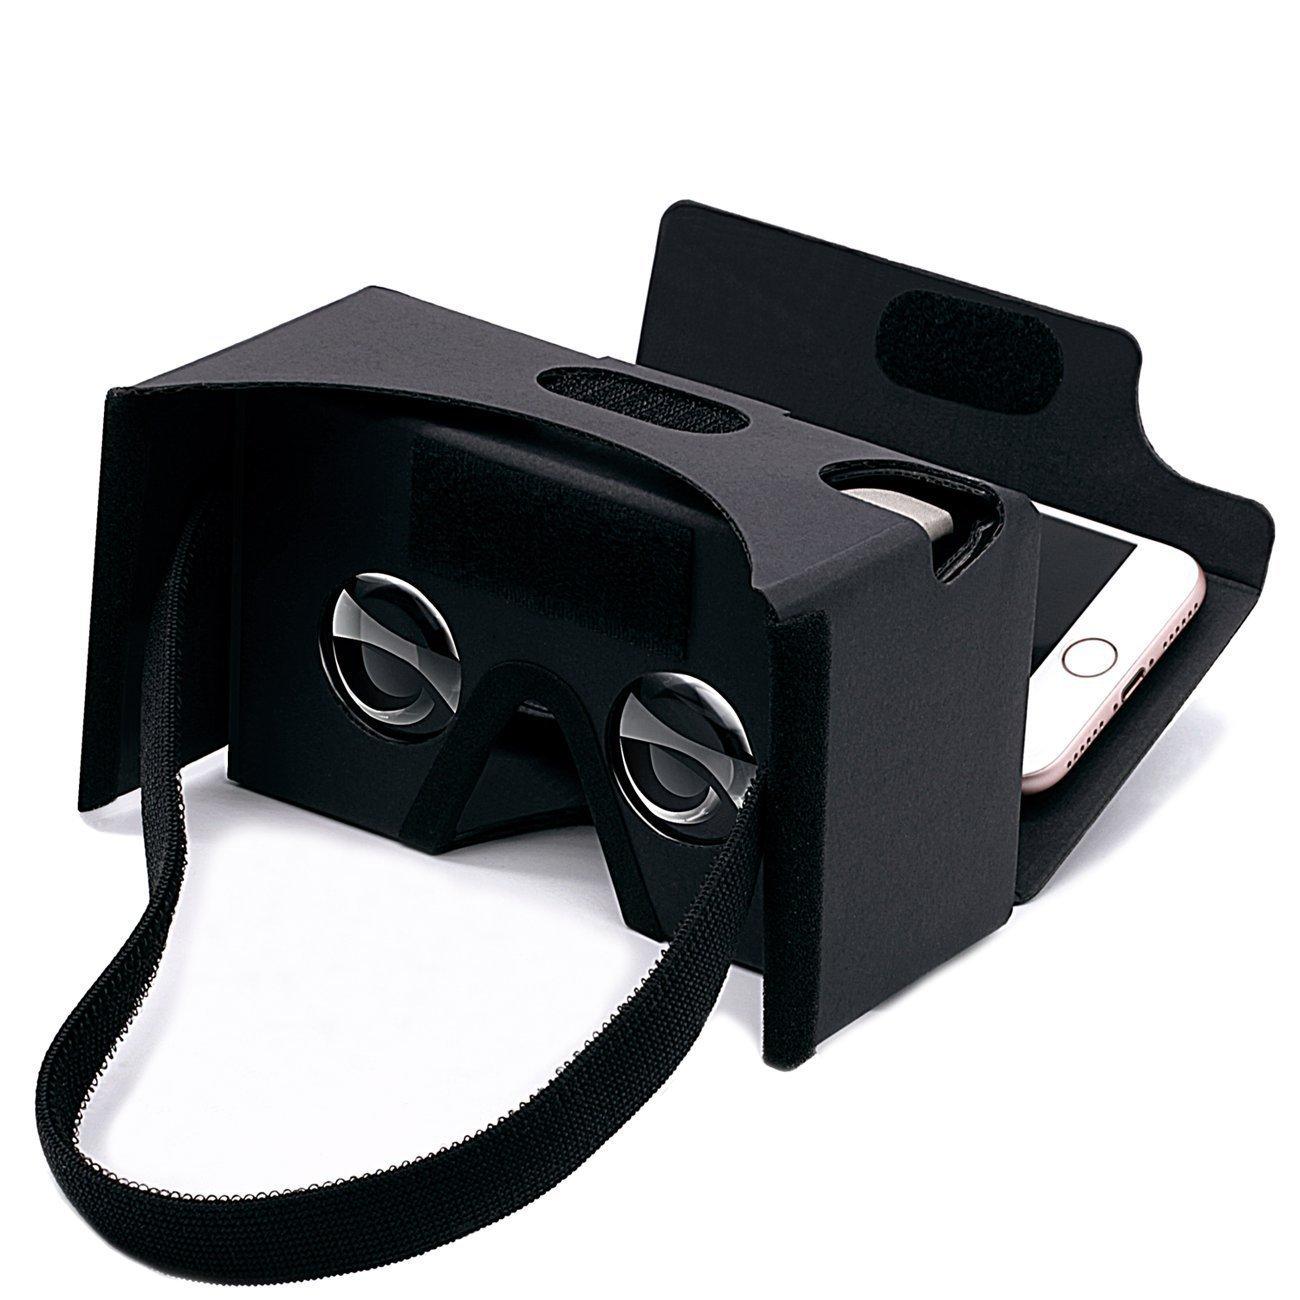 Google gafas de realidad virtual 3D Headset de carton, carton 3-6inch DIY pantalla compatible con Apple y Android Smartphone (negro)